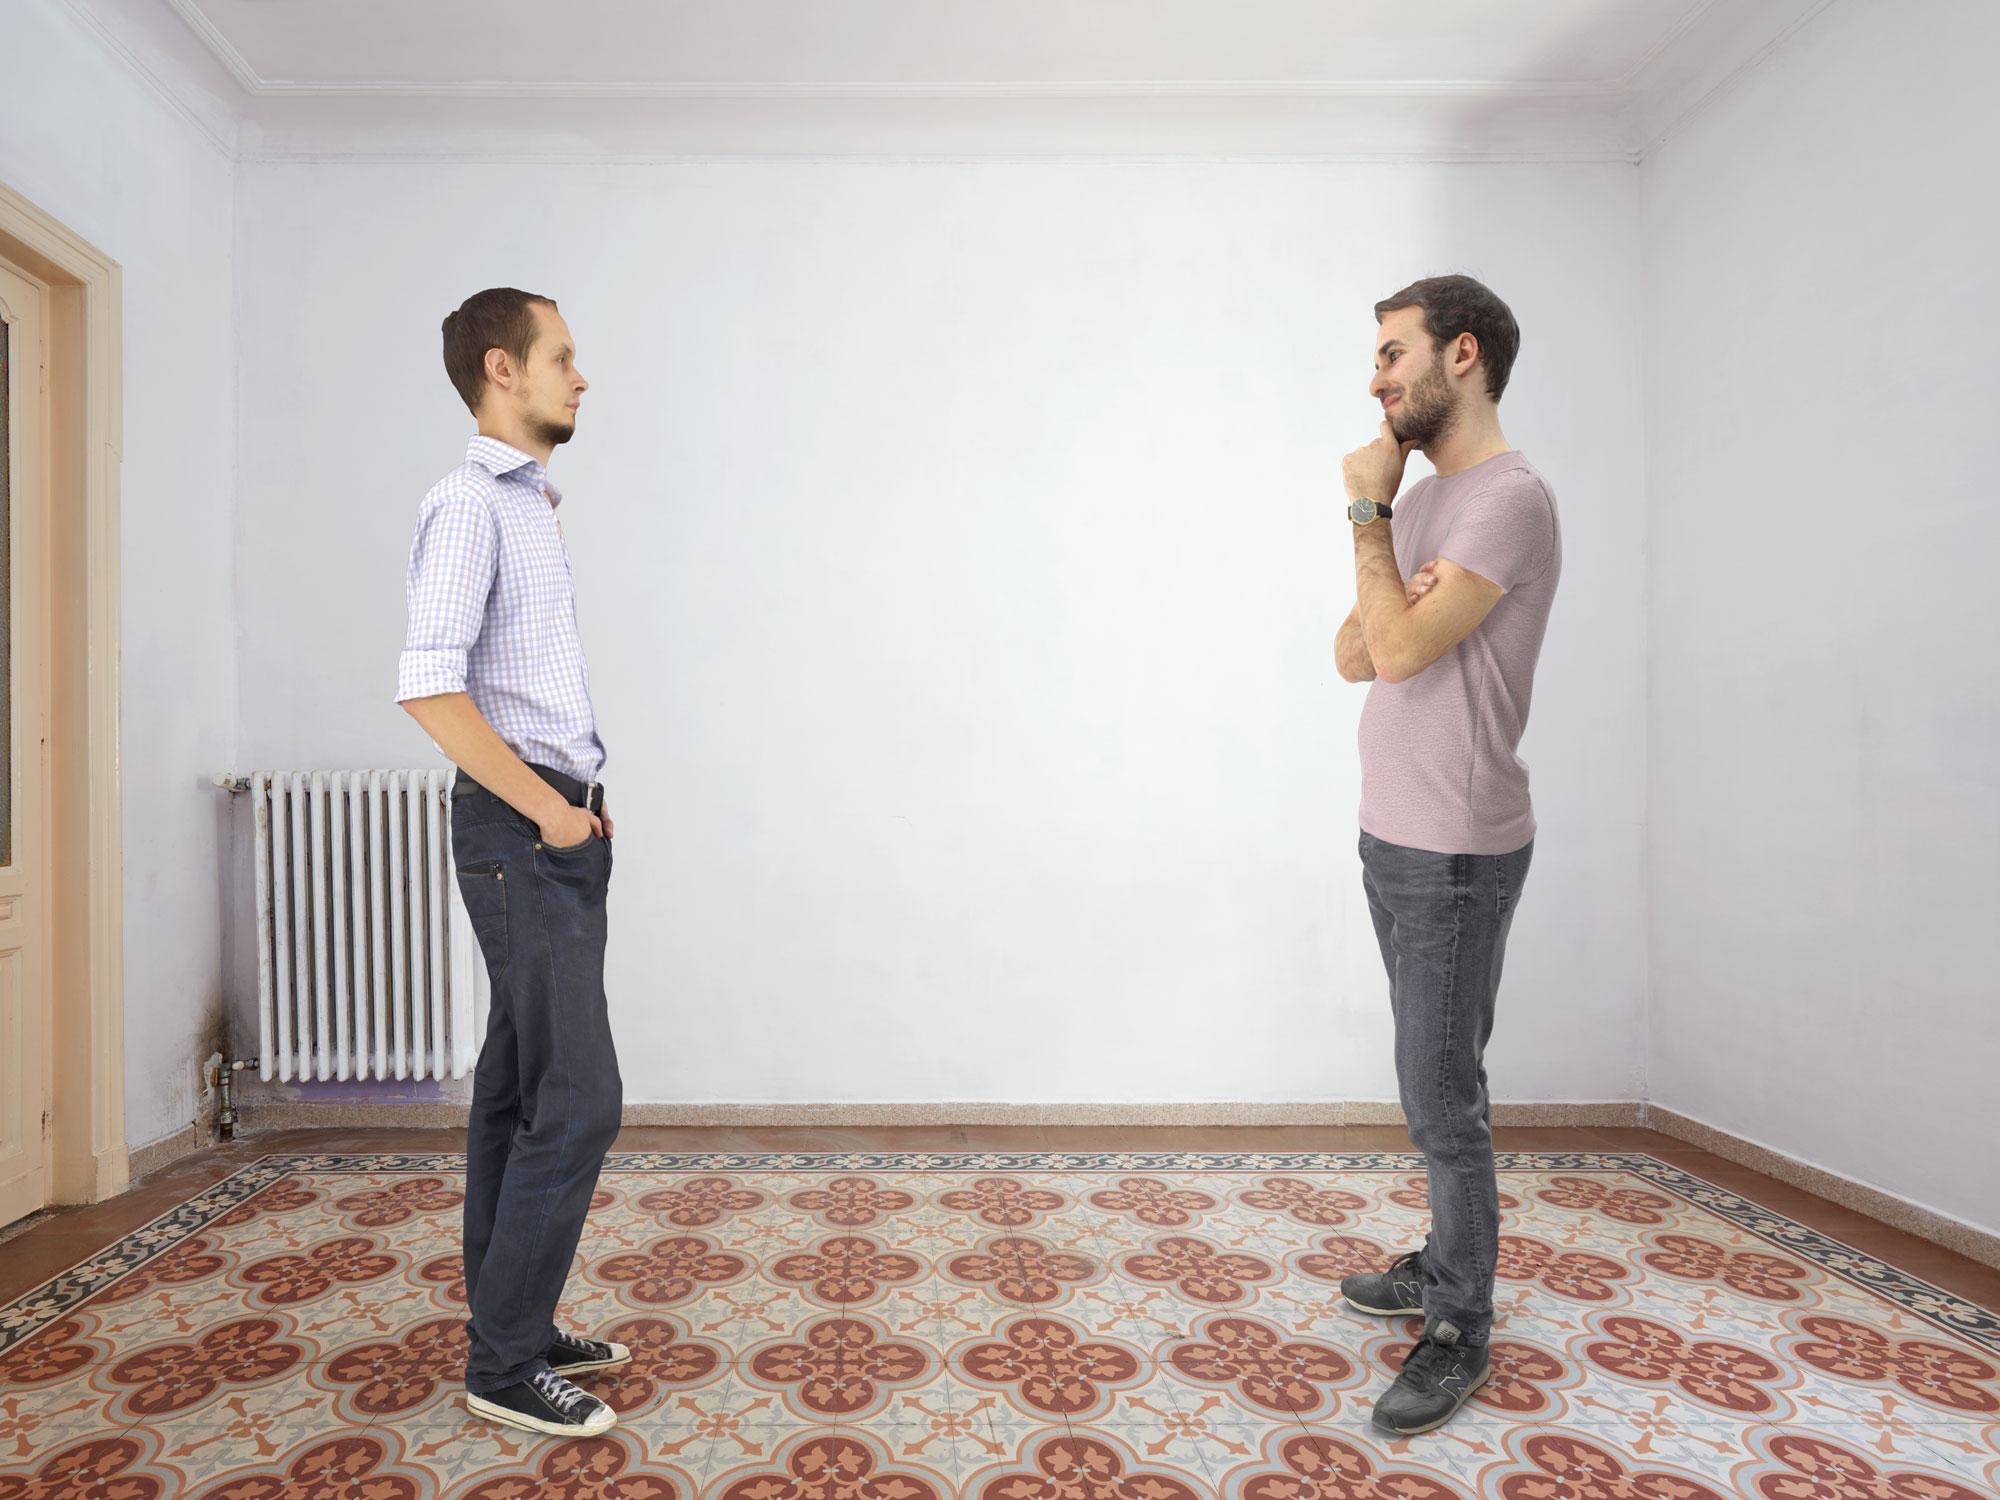 Как сделать временную регистрацию в съемной квартире